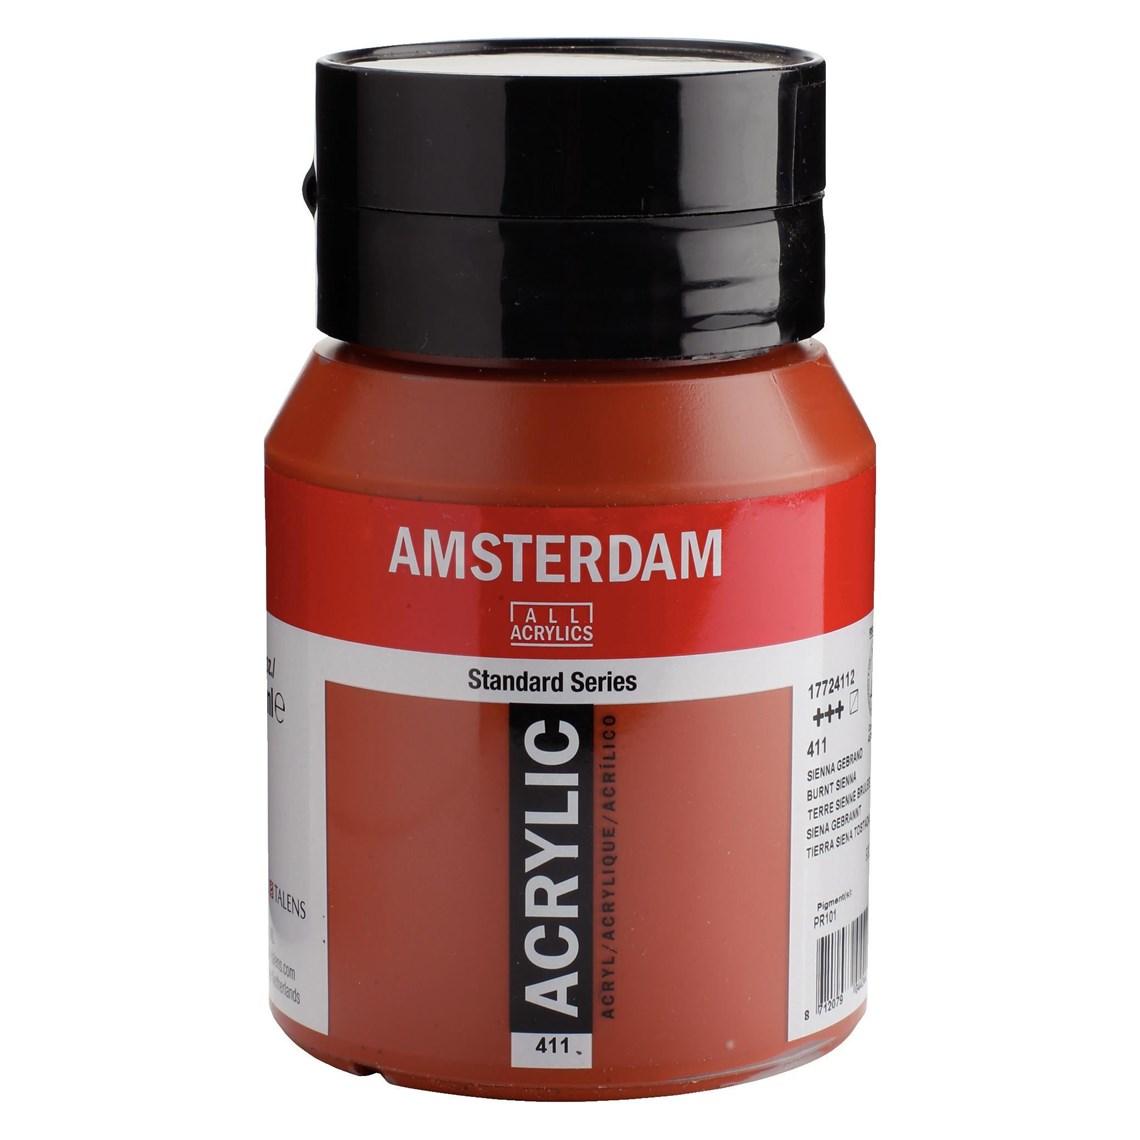 Amsterdam Acrylverf Sienna gebrand 411 Angelart Kunst en zo